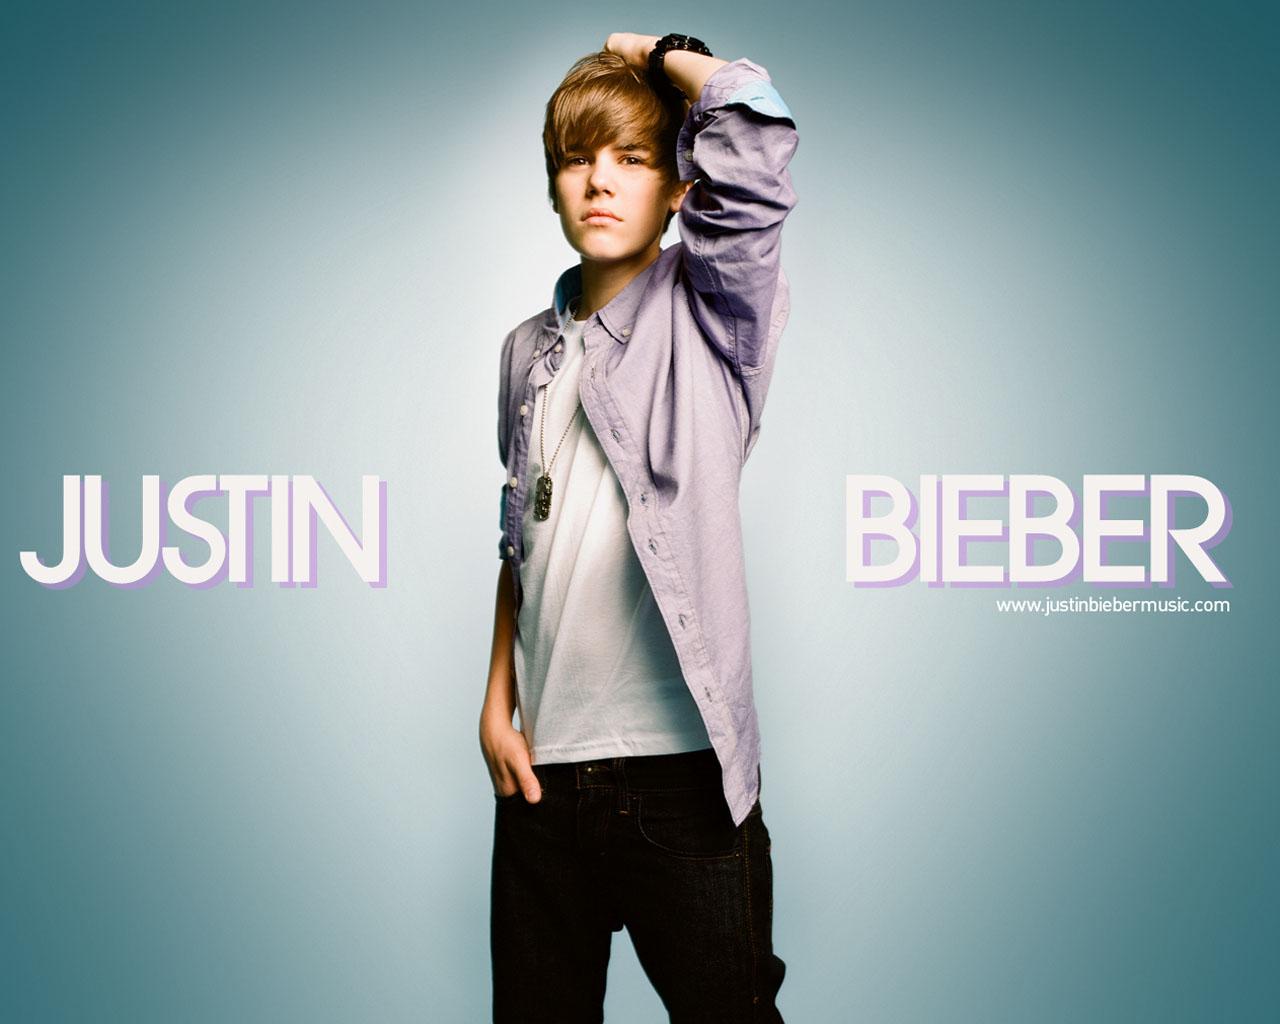 http://2.bp.blogspot.com/-yhMvfIgrvJo/UP65FbldimI/AAAAAAAAF0Q/U78-TvJlKmA/s1600/Justin+Bieber+Wallpaper+HD+2013+10.jpg